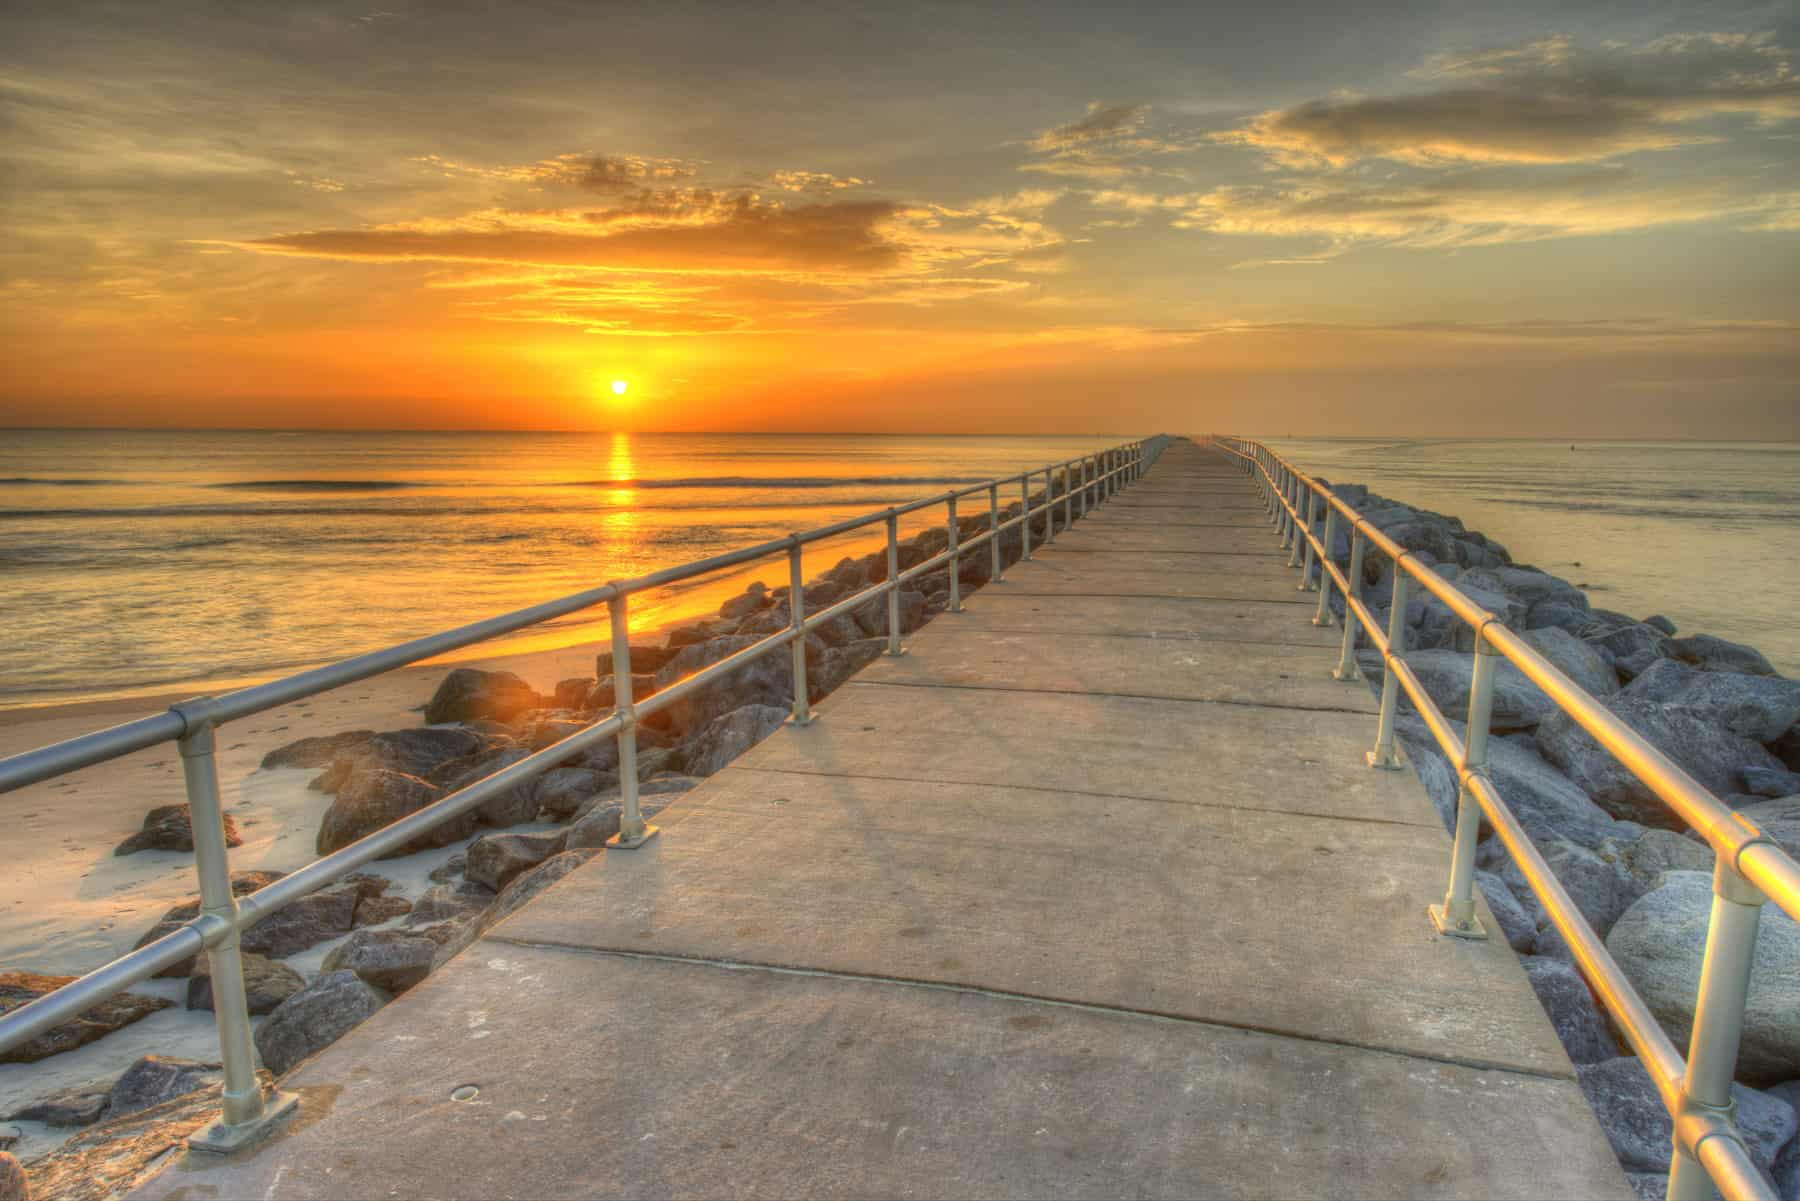 Sunset on Daytona Beach